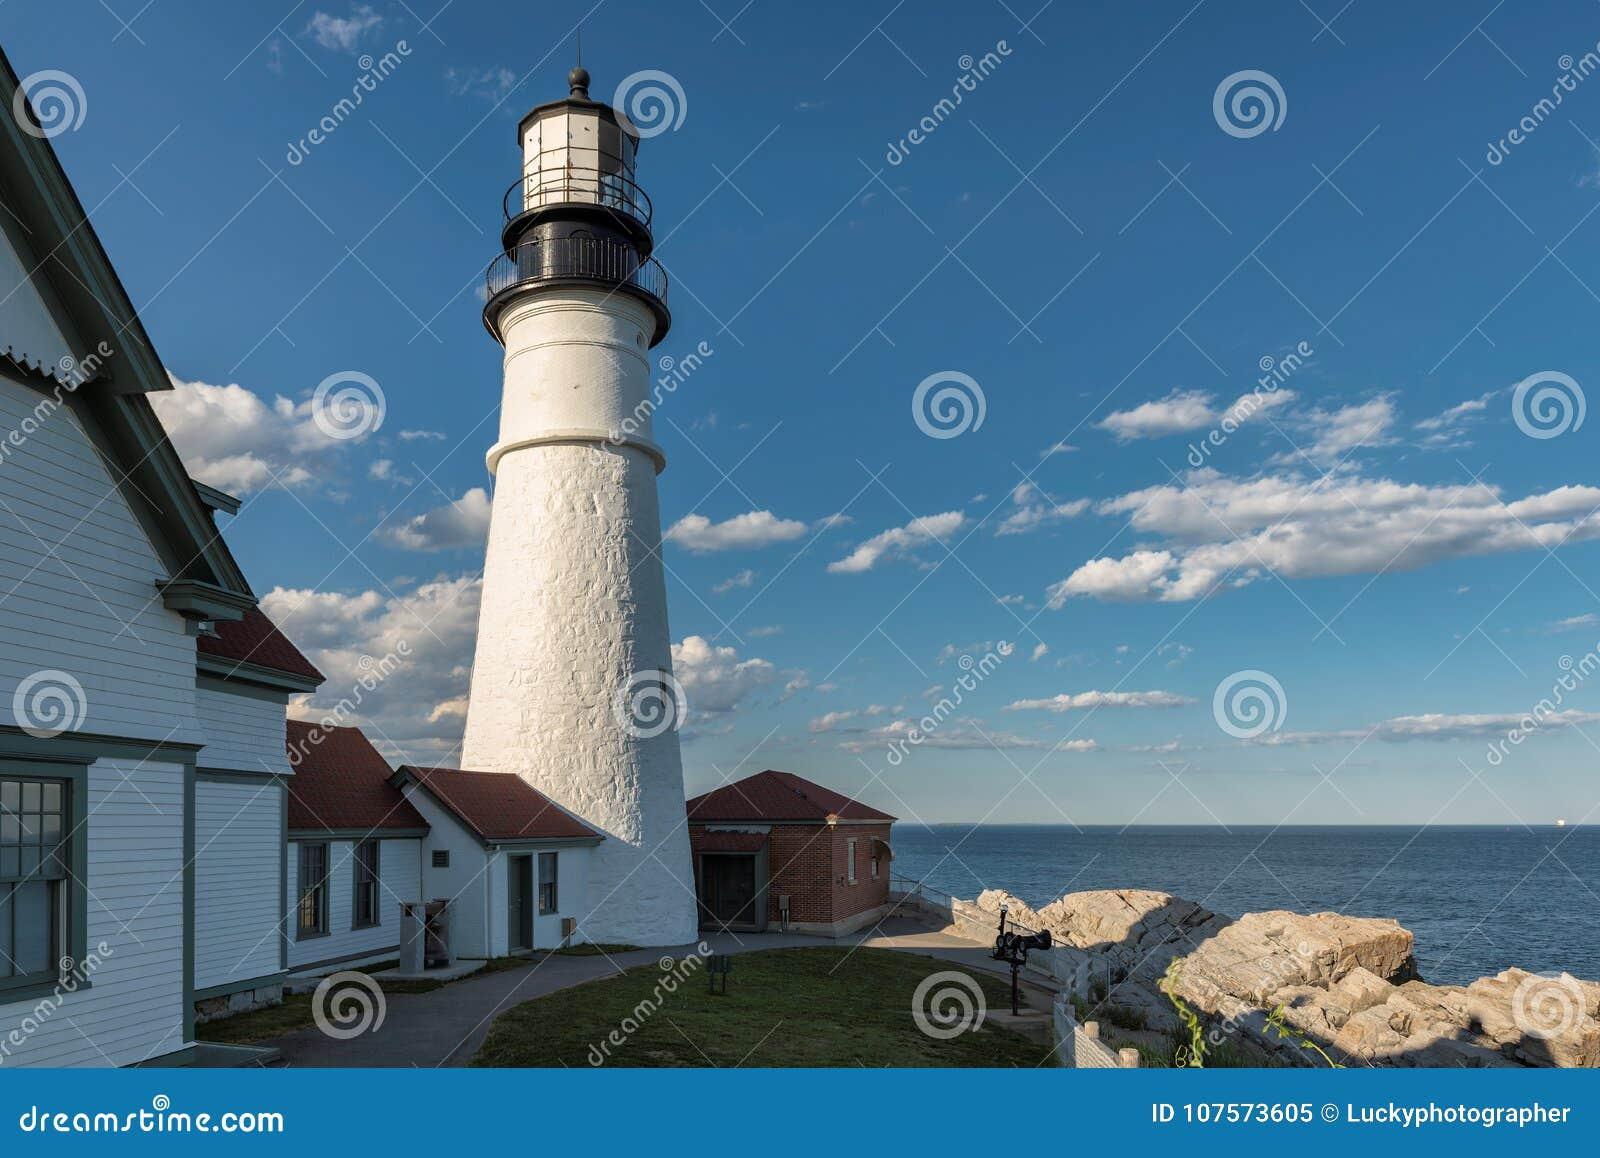 Faro de Portland en el cabo Elizabeth, Maine, los E.E.U.U.